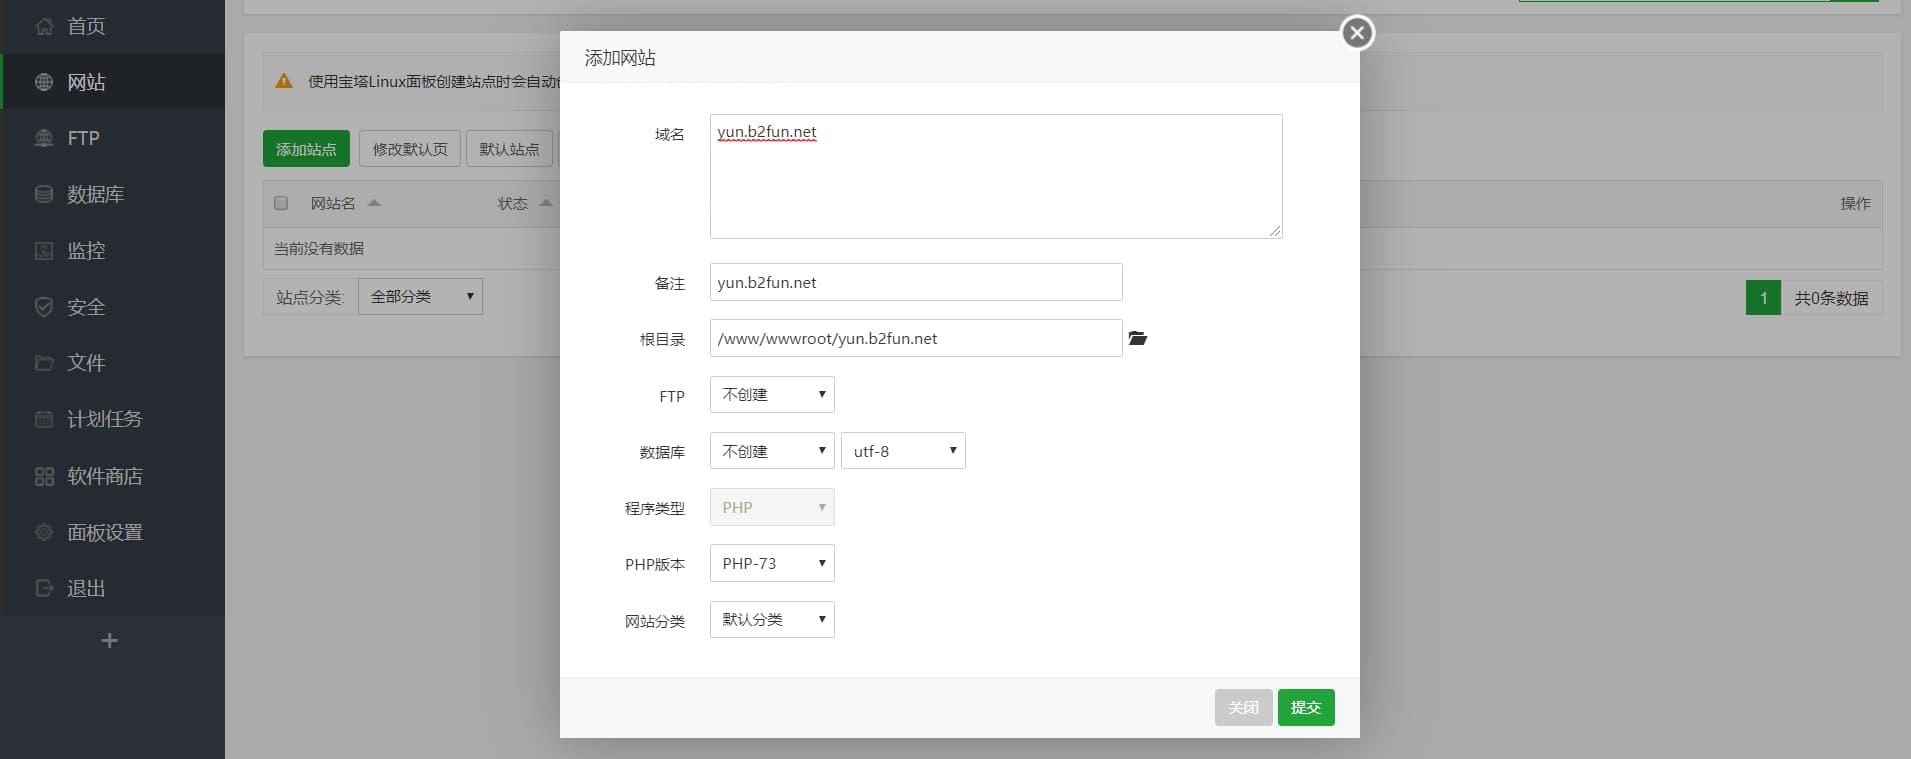 宝塔面板下迅速搭建OneIndex,制作属于自己的个人网盘